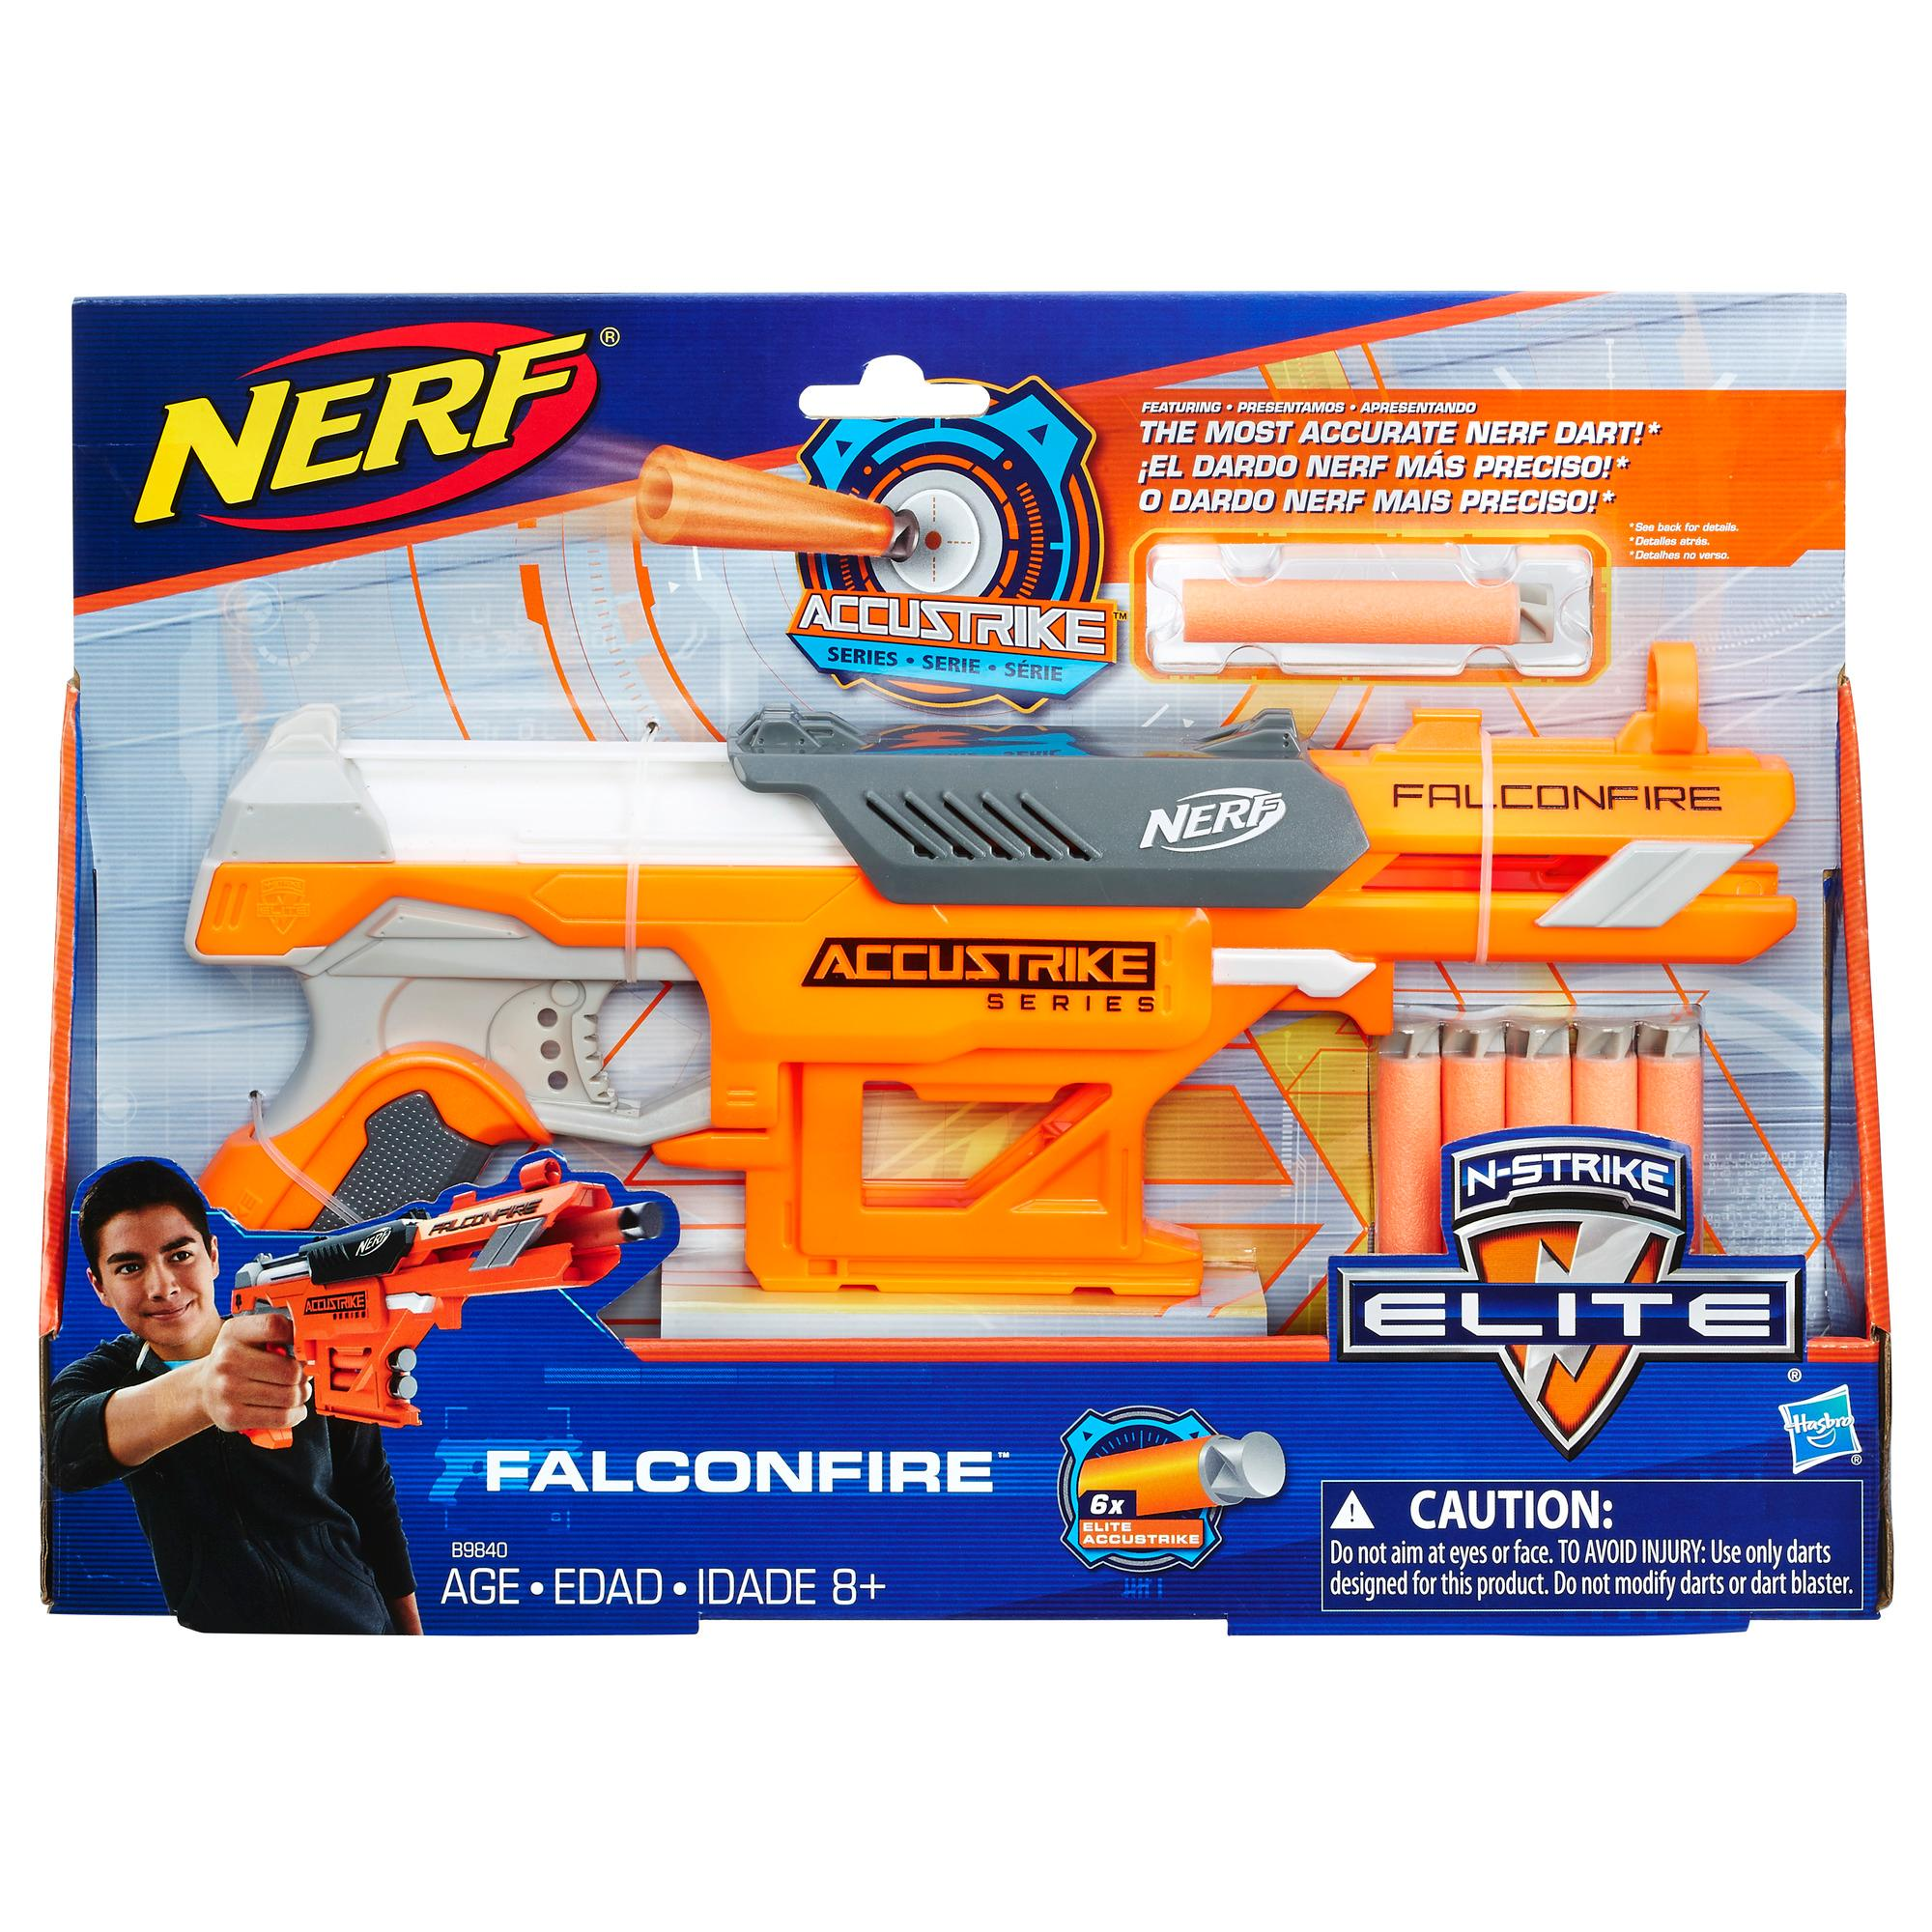 Lança Dardos Accustrike Nerf Falconfire